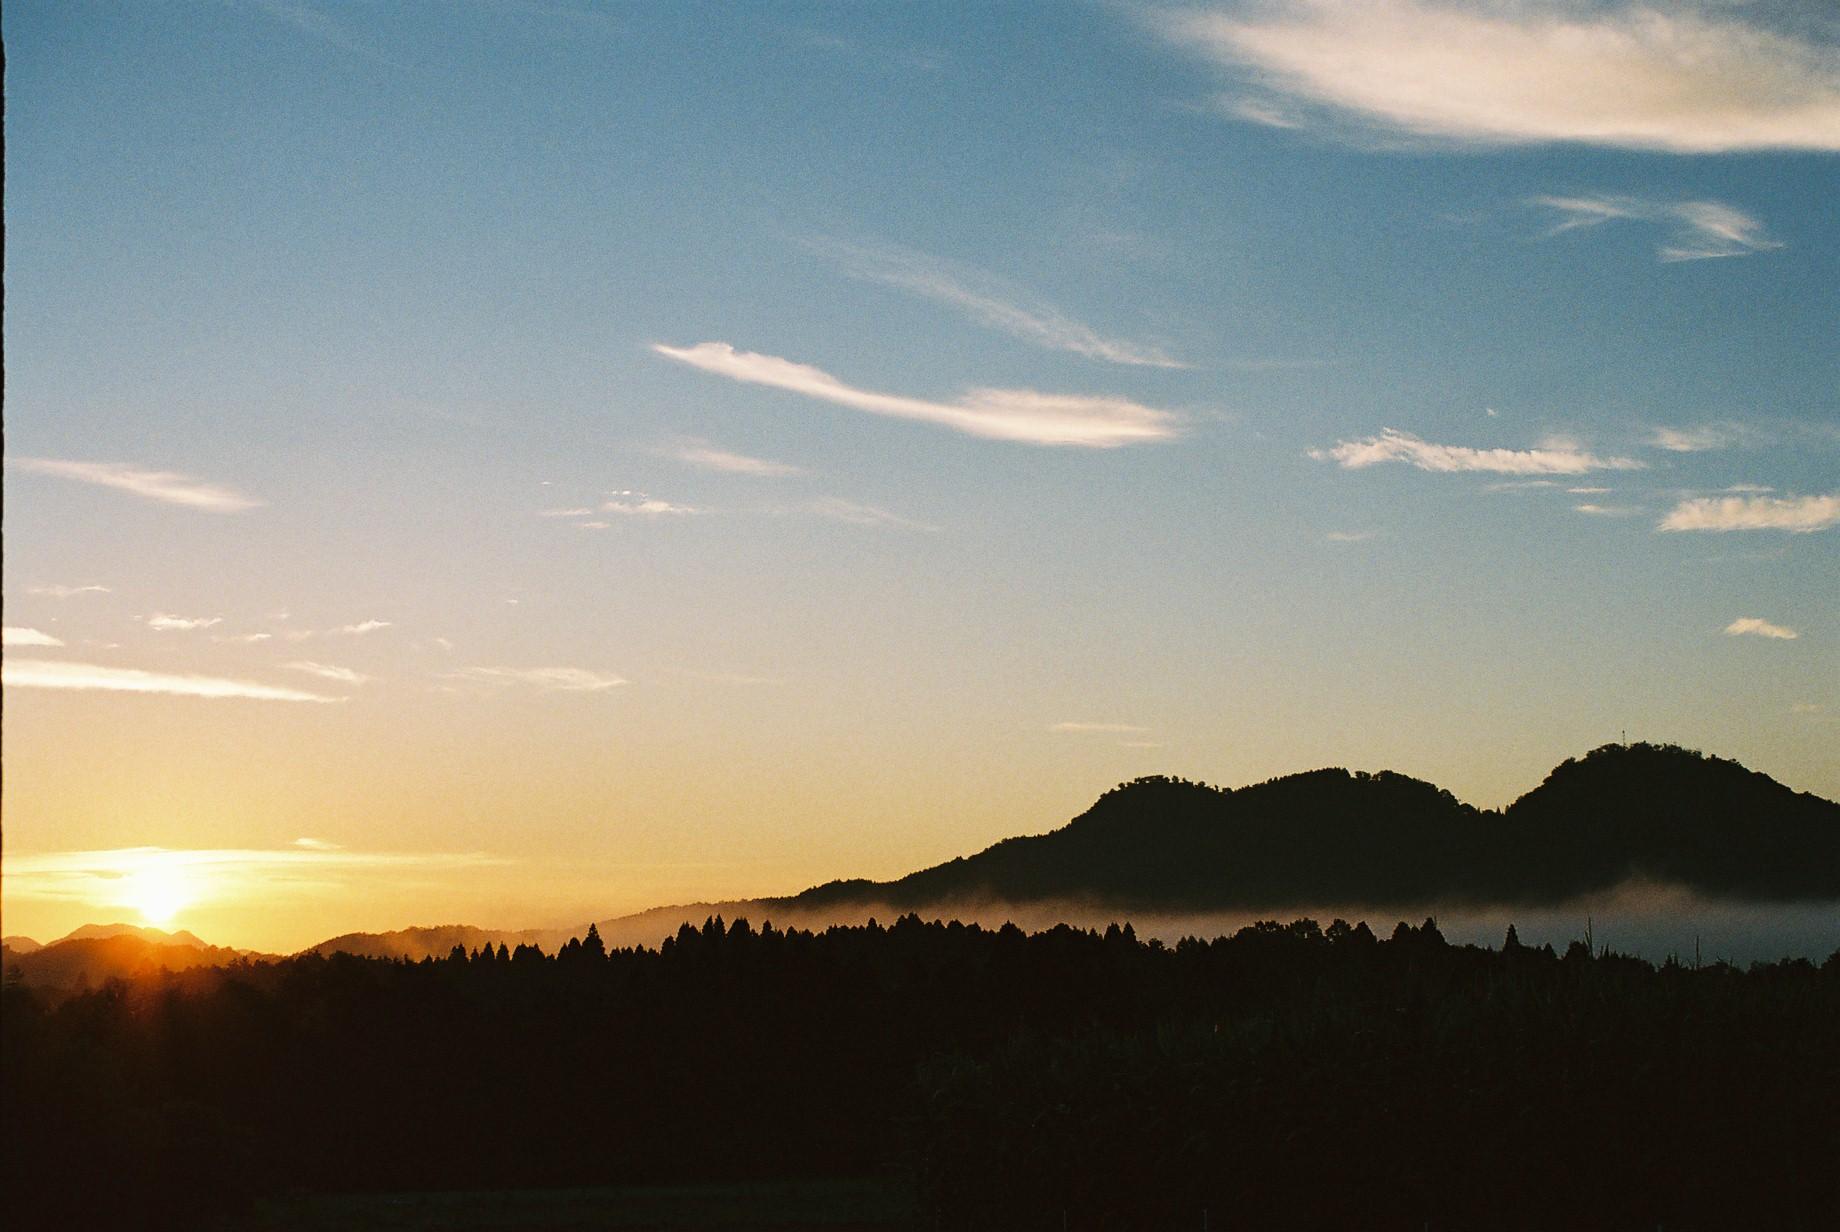 聖なる山・・・白鹿山(はくろくさん)_a0174458_053062.jpg